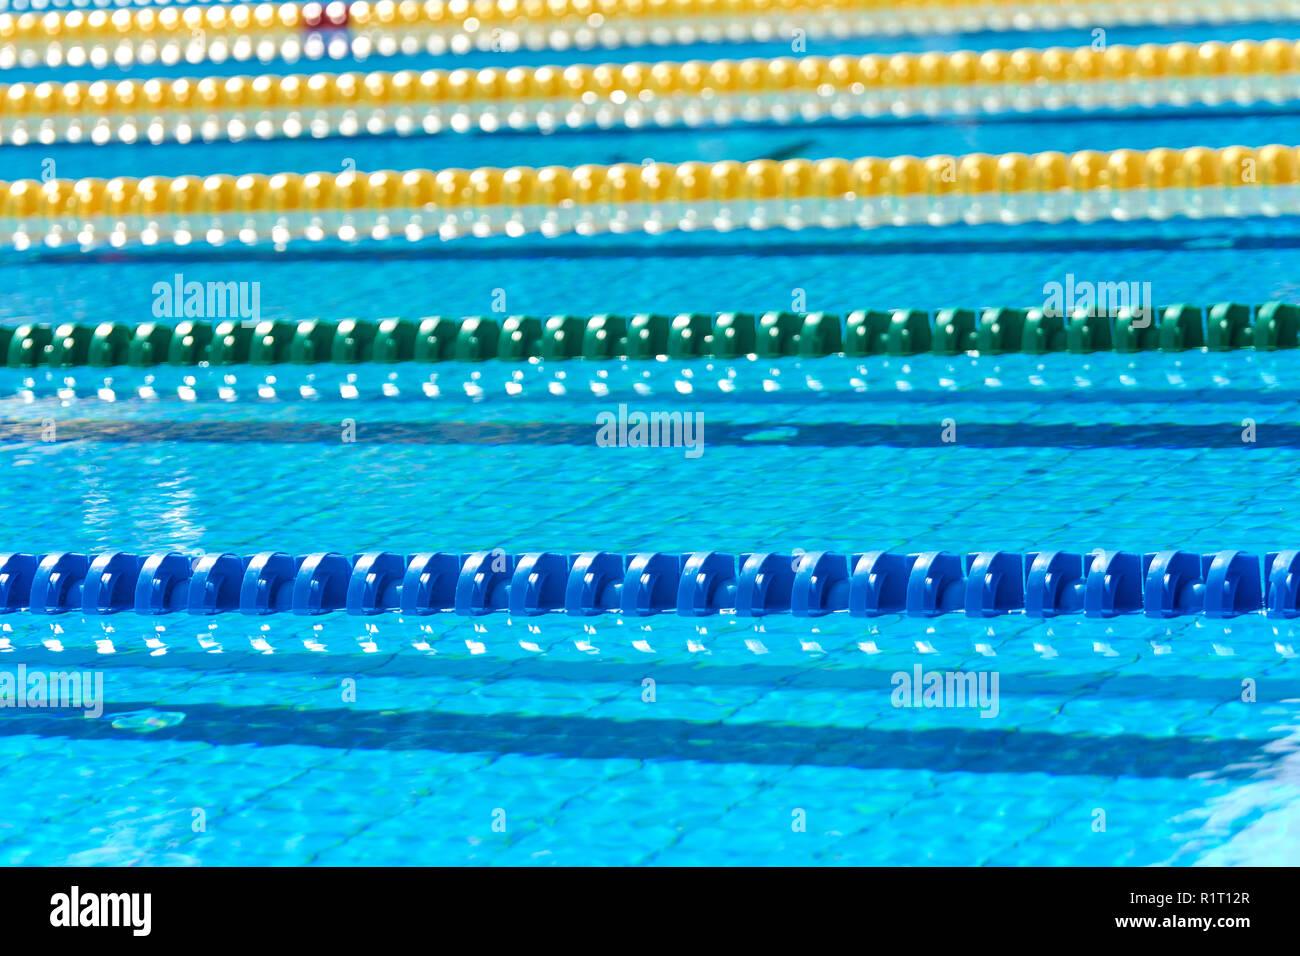 Swimming pool - lane lines. Swimming pool lane marker ...